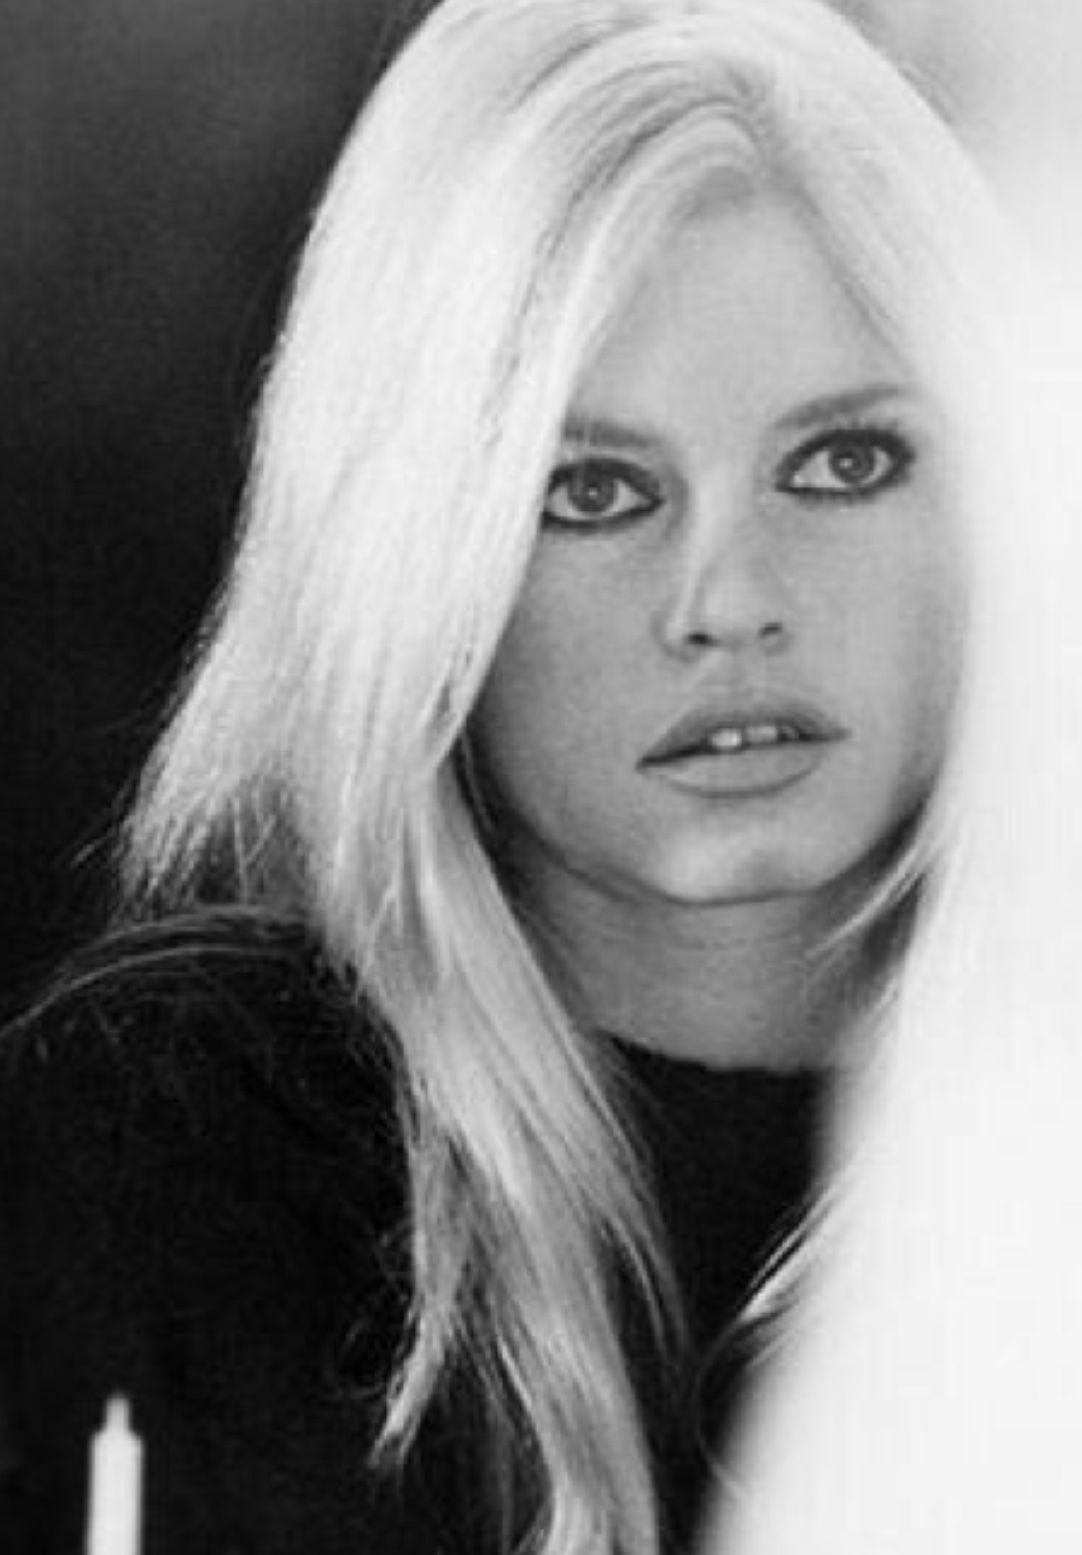 Epingle Par G Sur Brigitte B B Hubsch Hubsche Bridgitte Bardot Bridget Bardot Brigitte Bardot